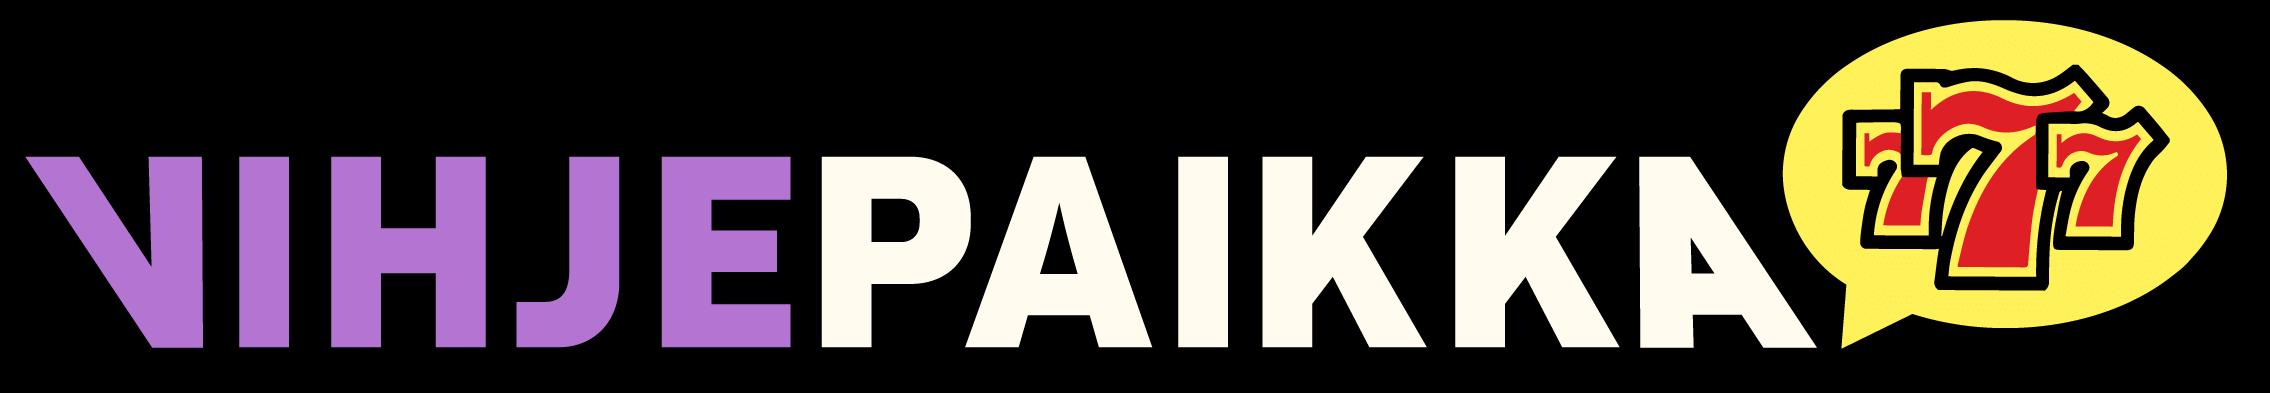 Vihjepaikka site logo